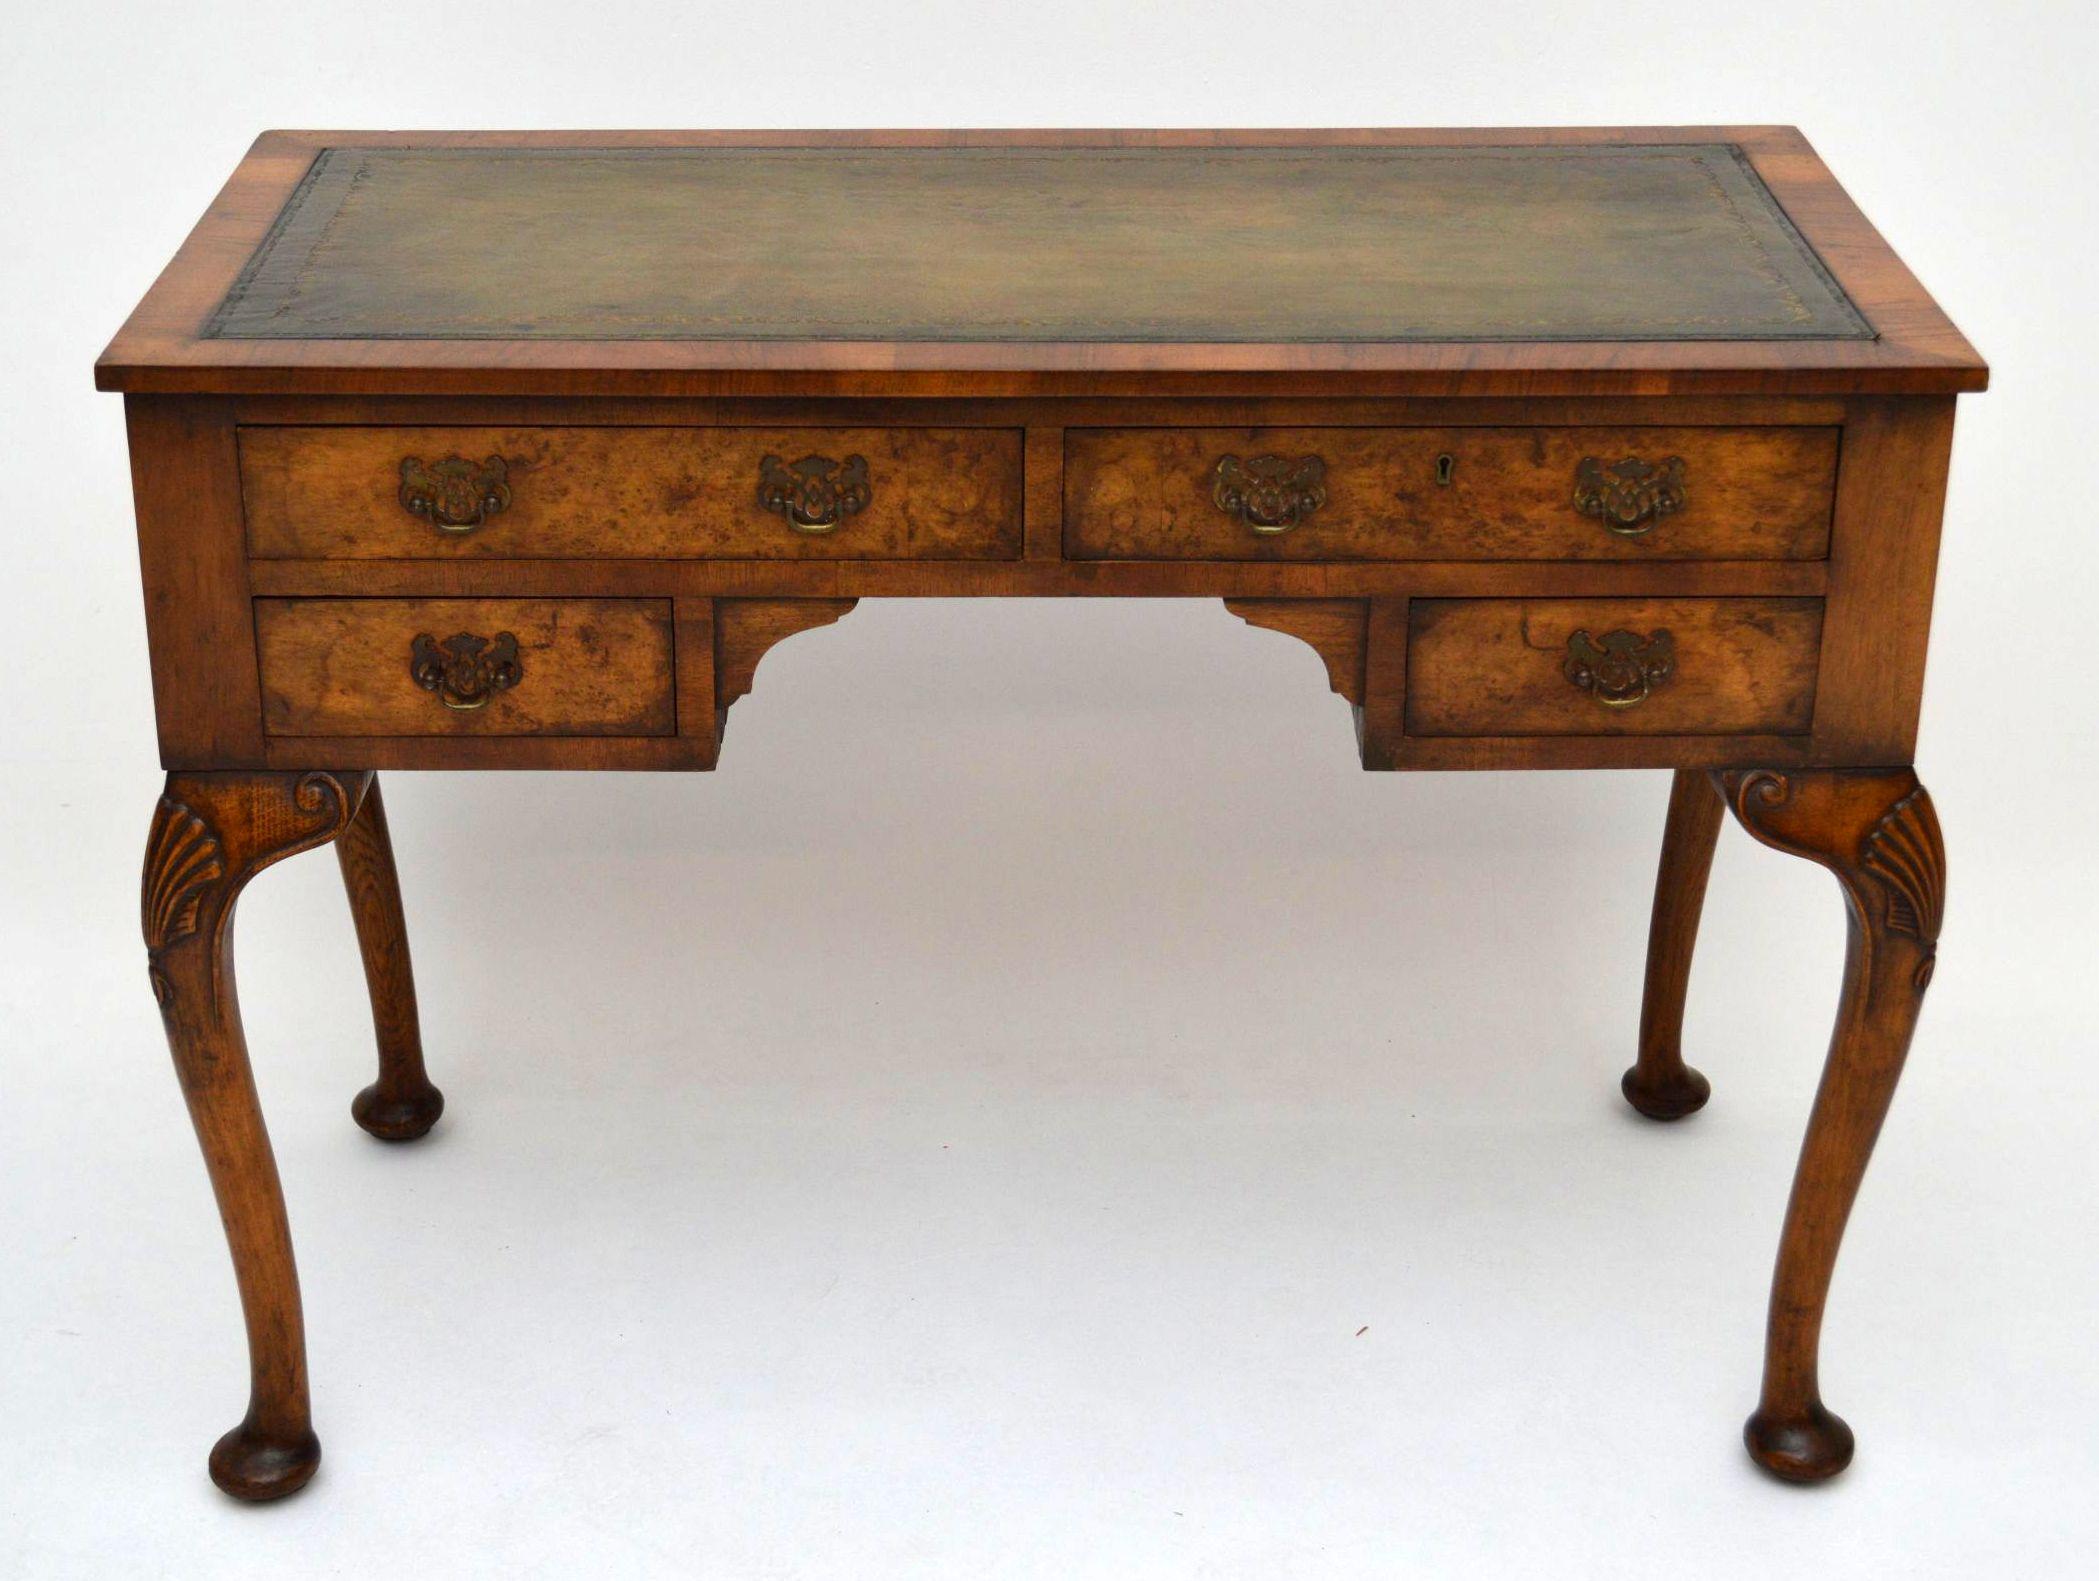 Schreibtisch holz antik  Schreibtisch antik aus Walnuss Holz